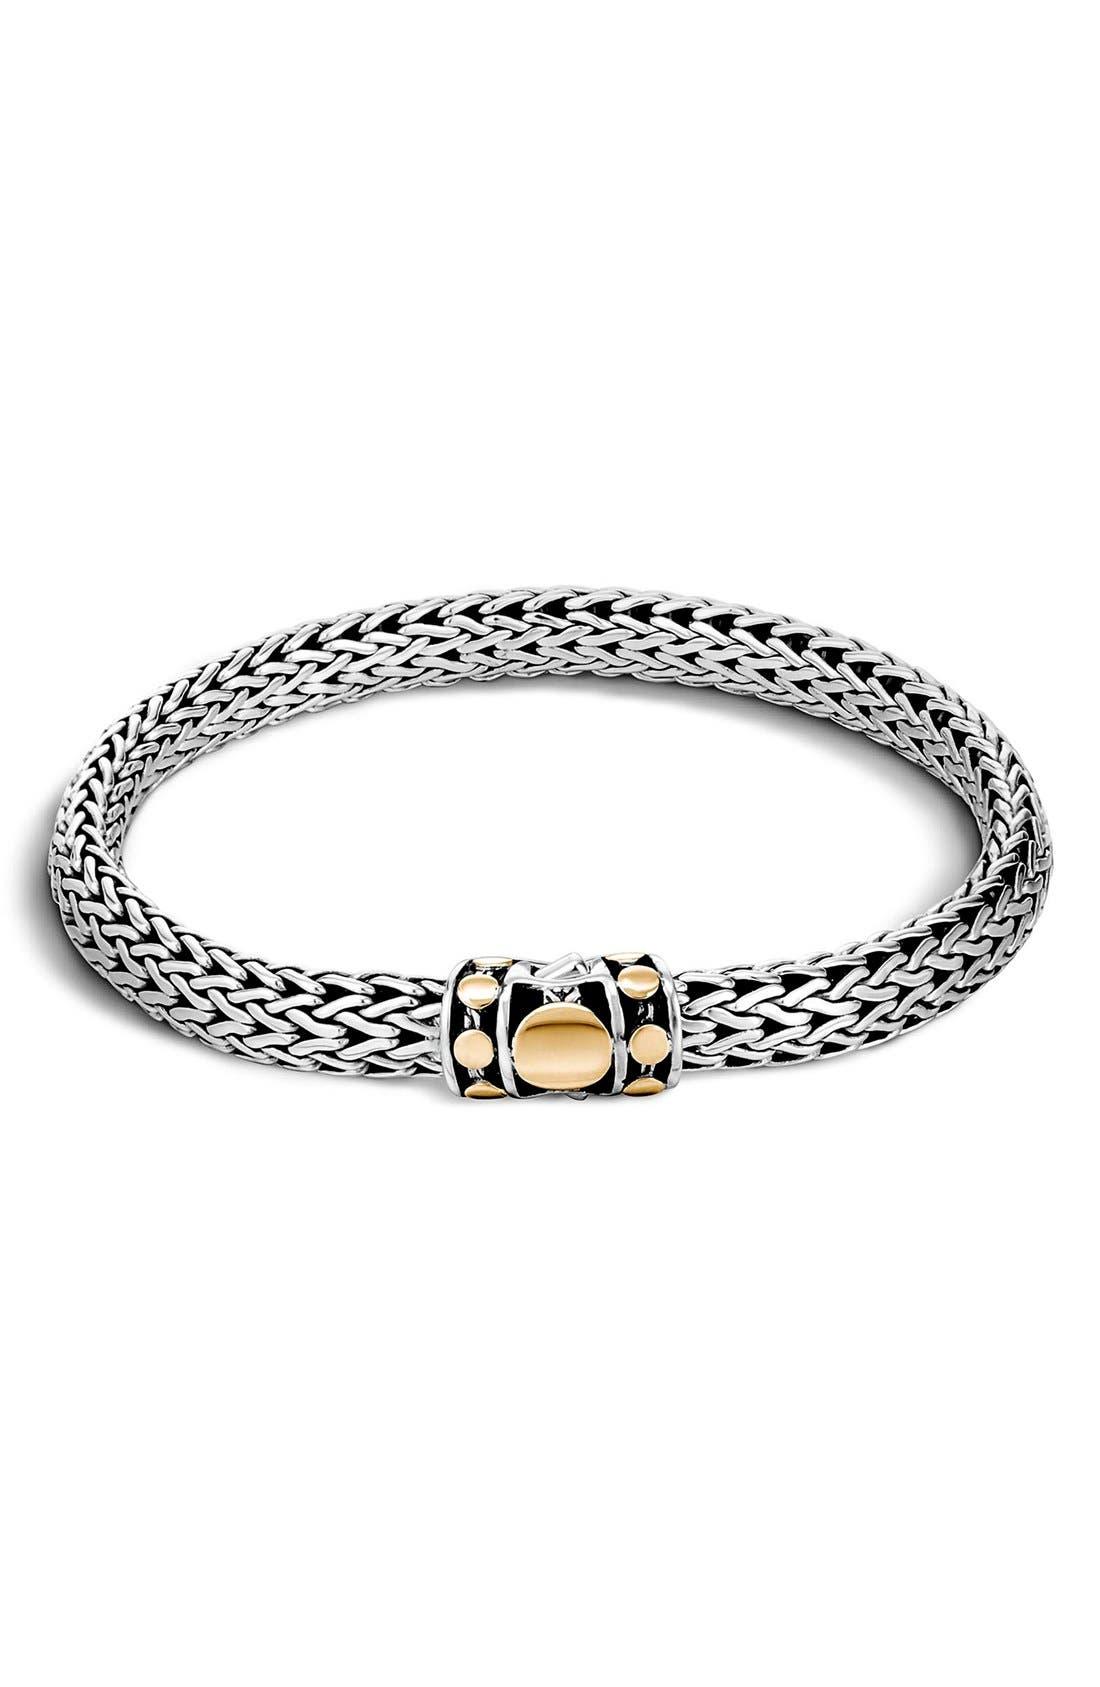 Alternate Image 1 Selected - John Hardy Dot 6.5mm Bracelet